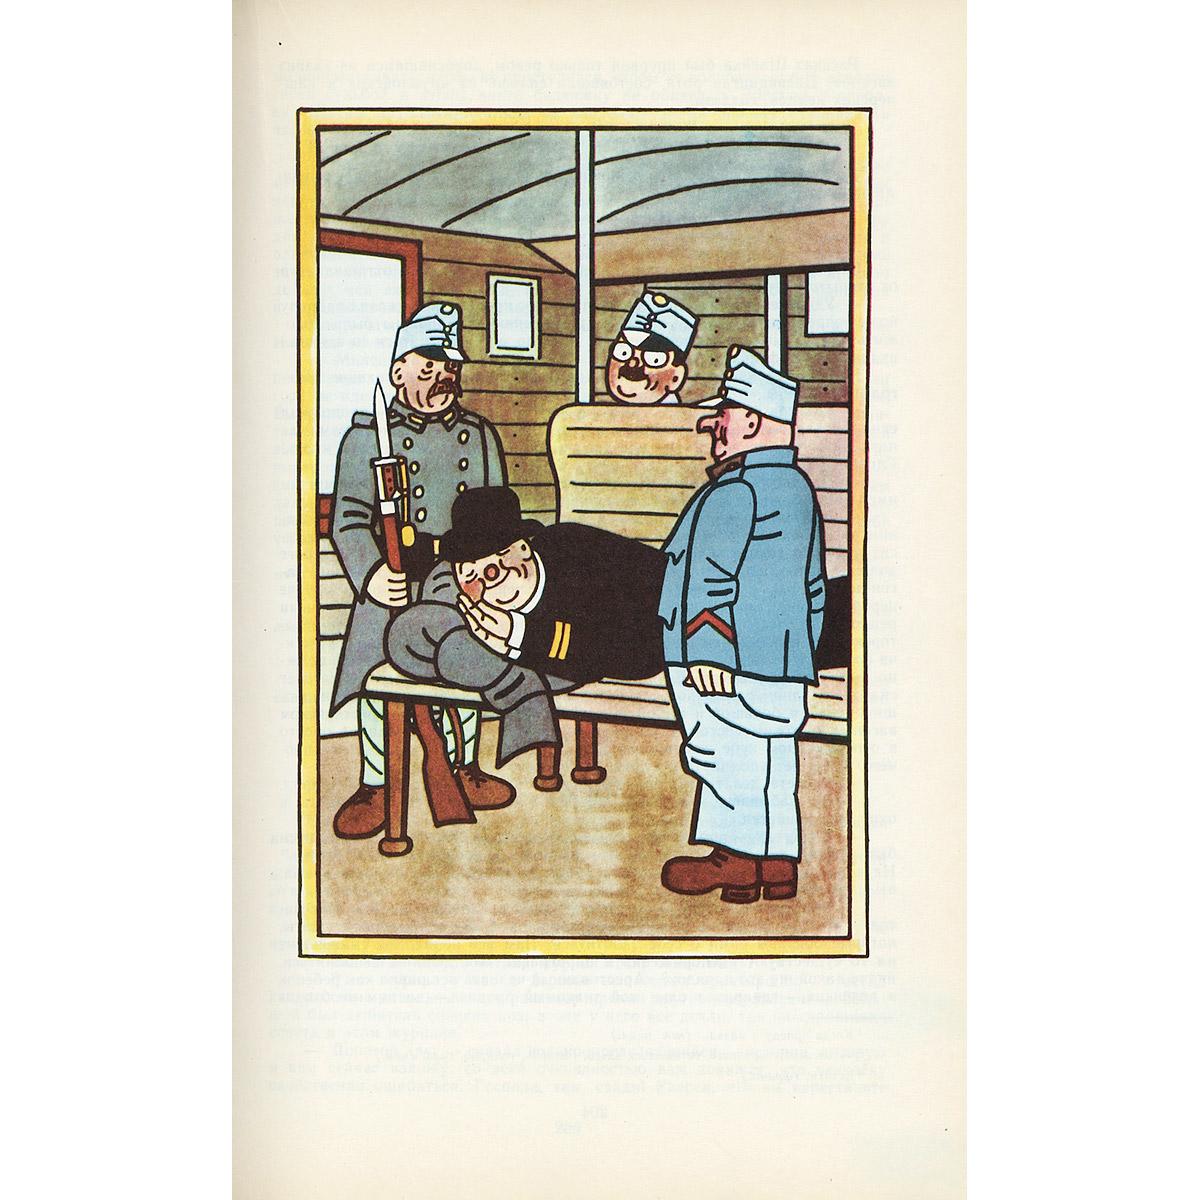 рынке бравый солдат швейк картинки из книги пользуется